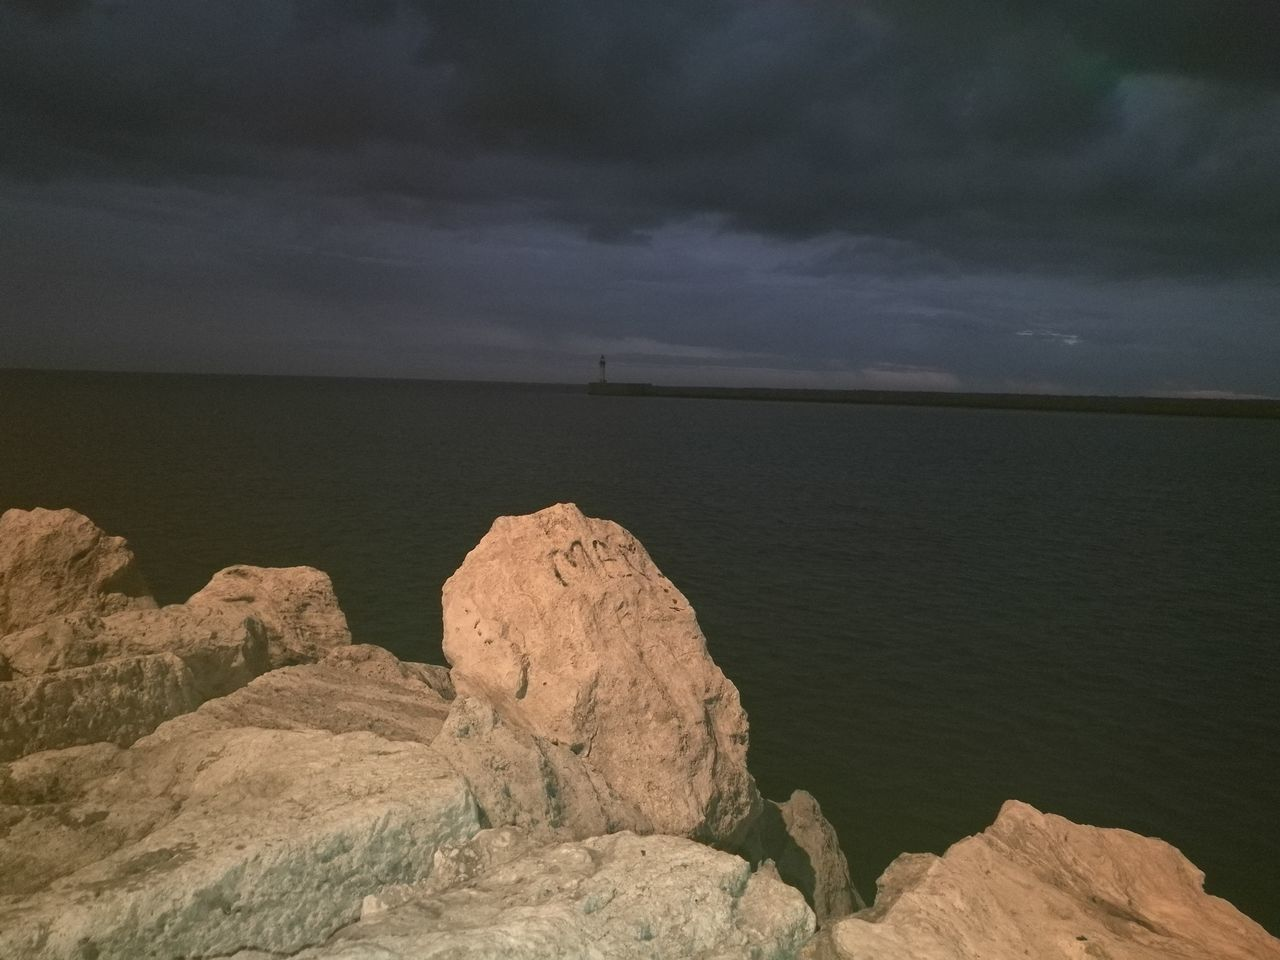 Mar Rocas Y Mar Noche Puerto Almería HuaweiP9 Sin Filtros